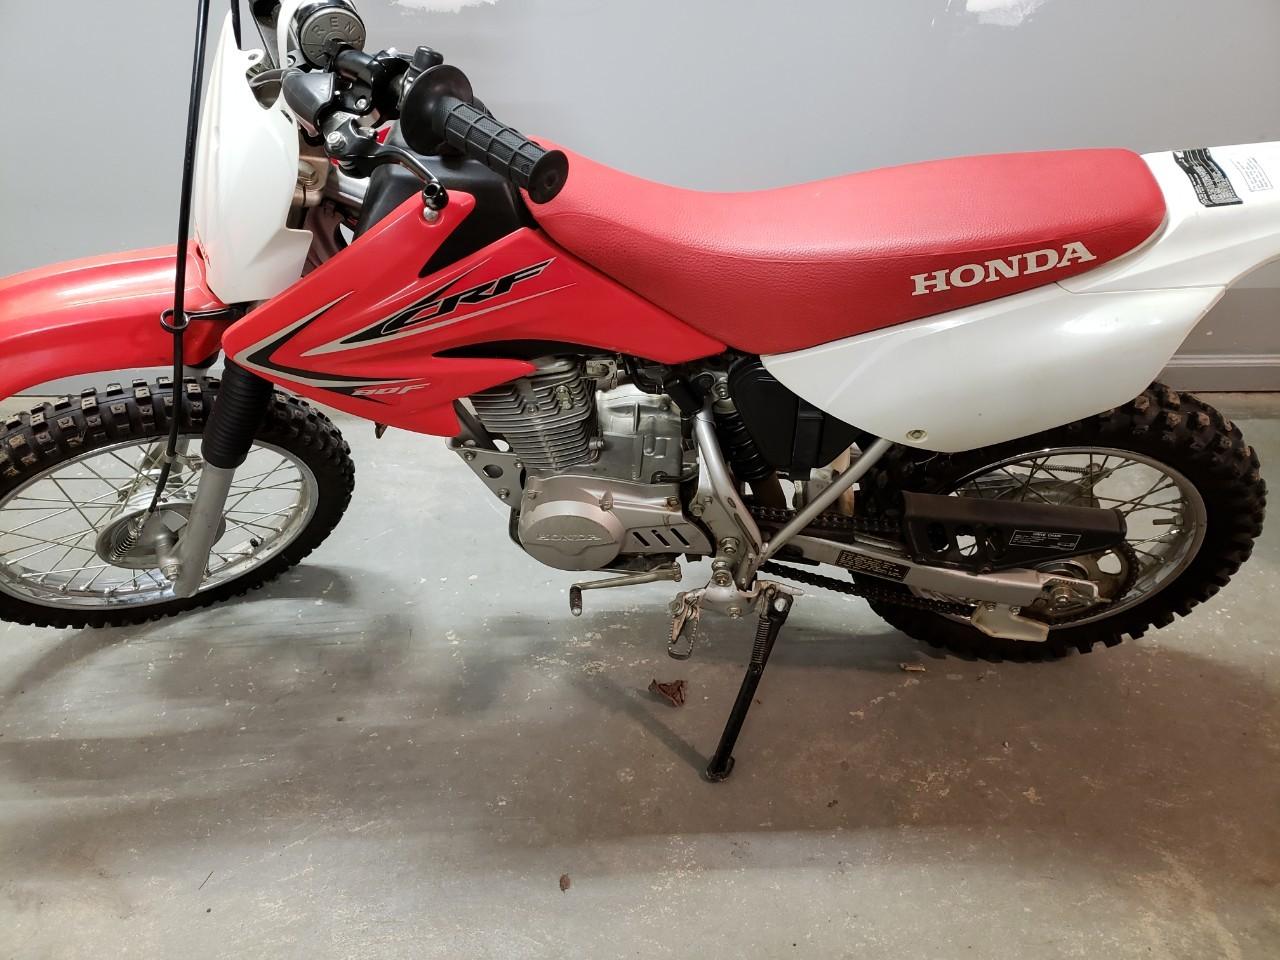 2012 Honda CRF 80F, Fairless Hills PA - - Cycletrader com